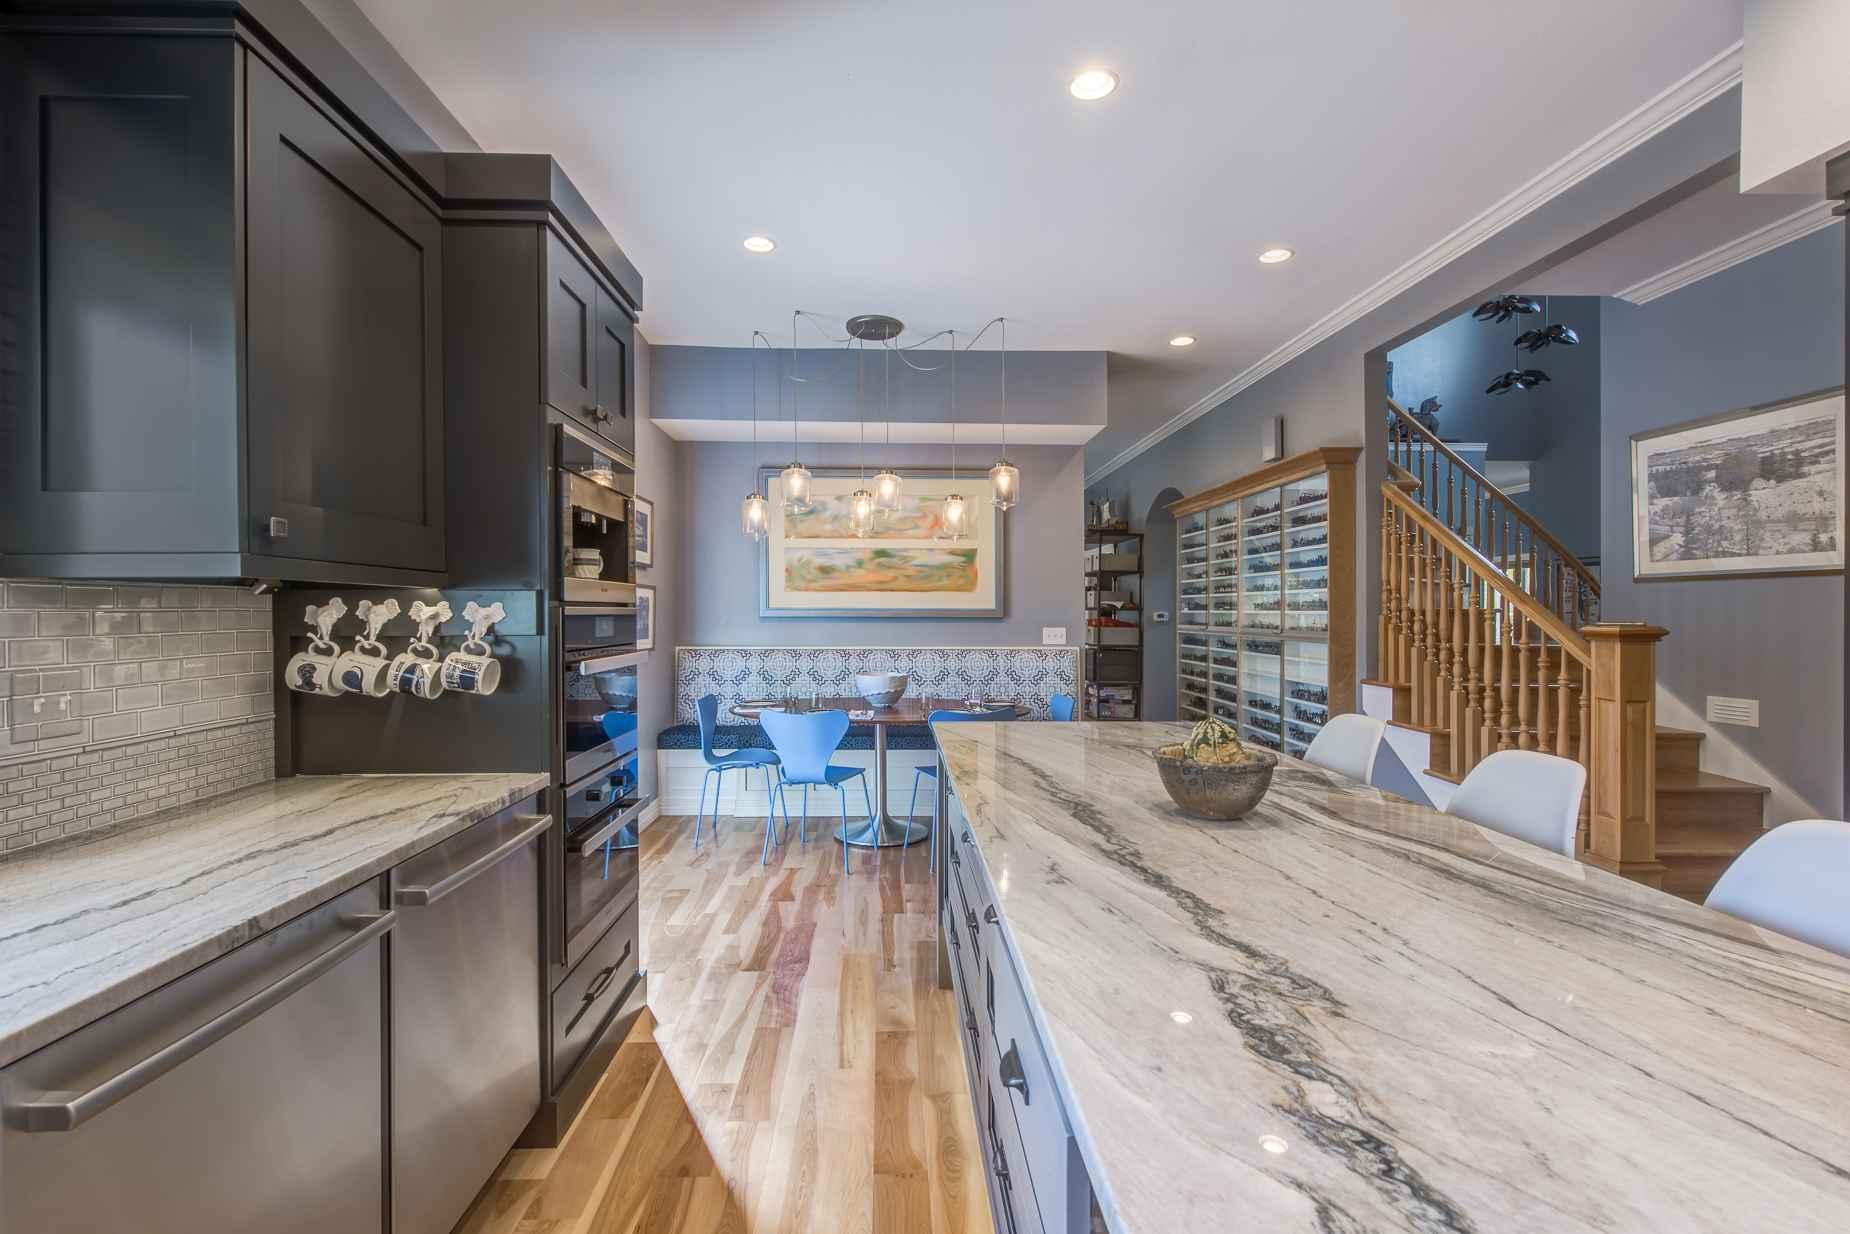 le domaine de chef — sanctuary kitchen and bath design-7.jpg